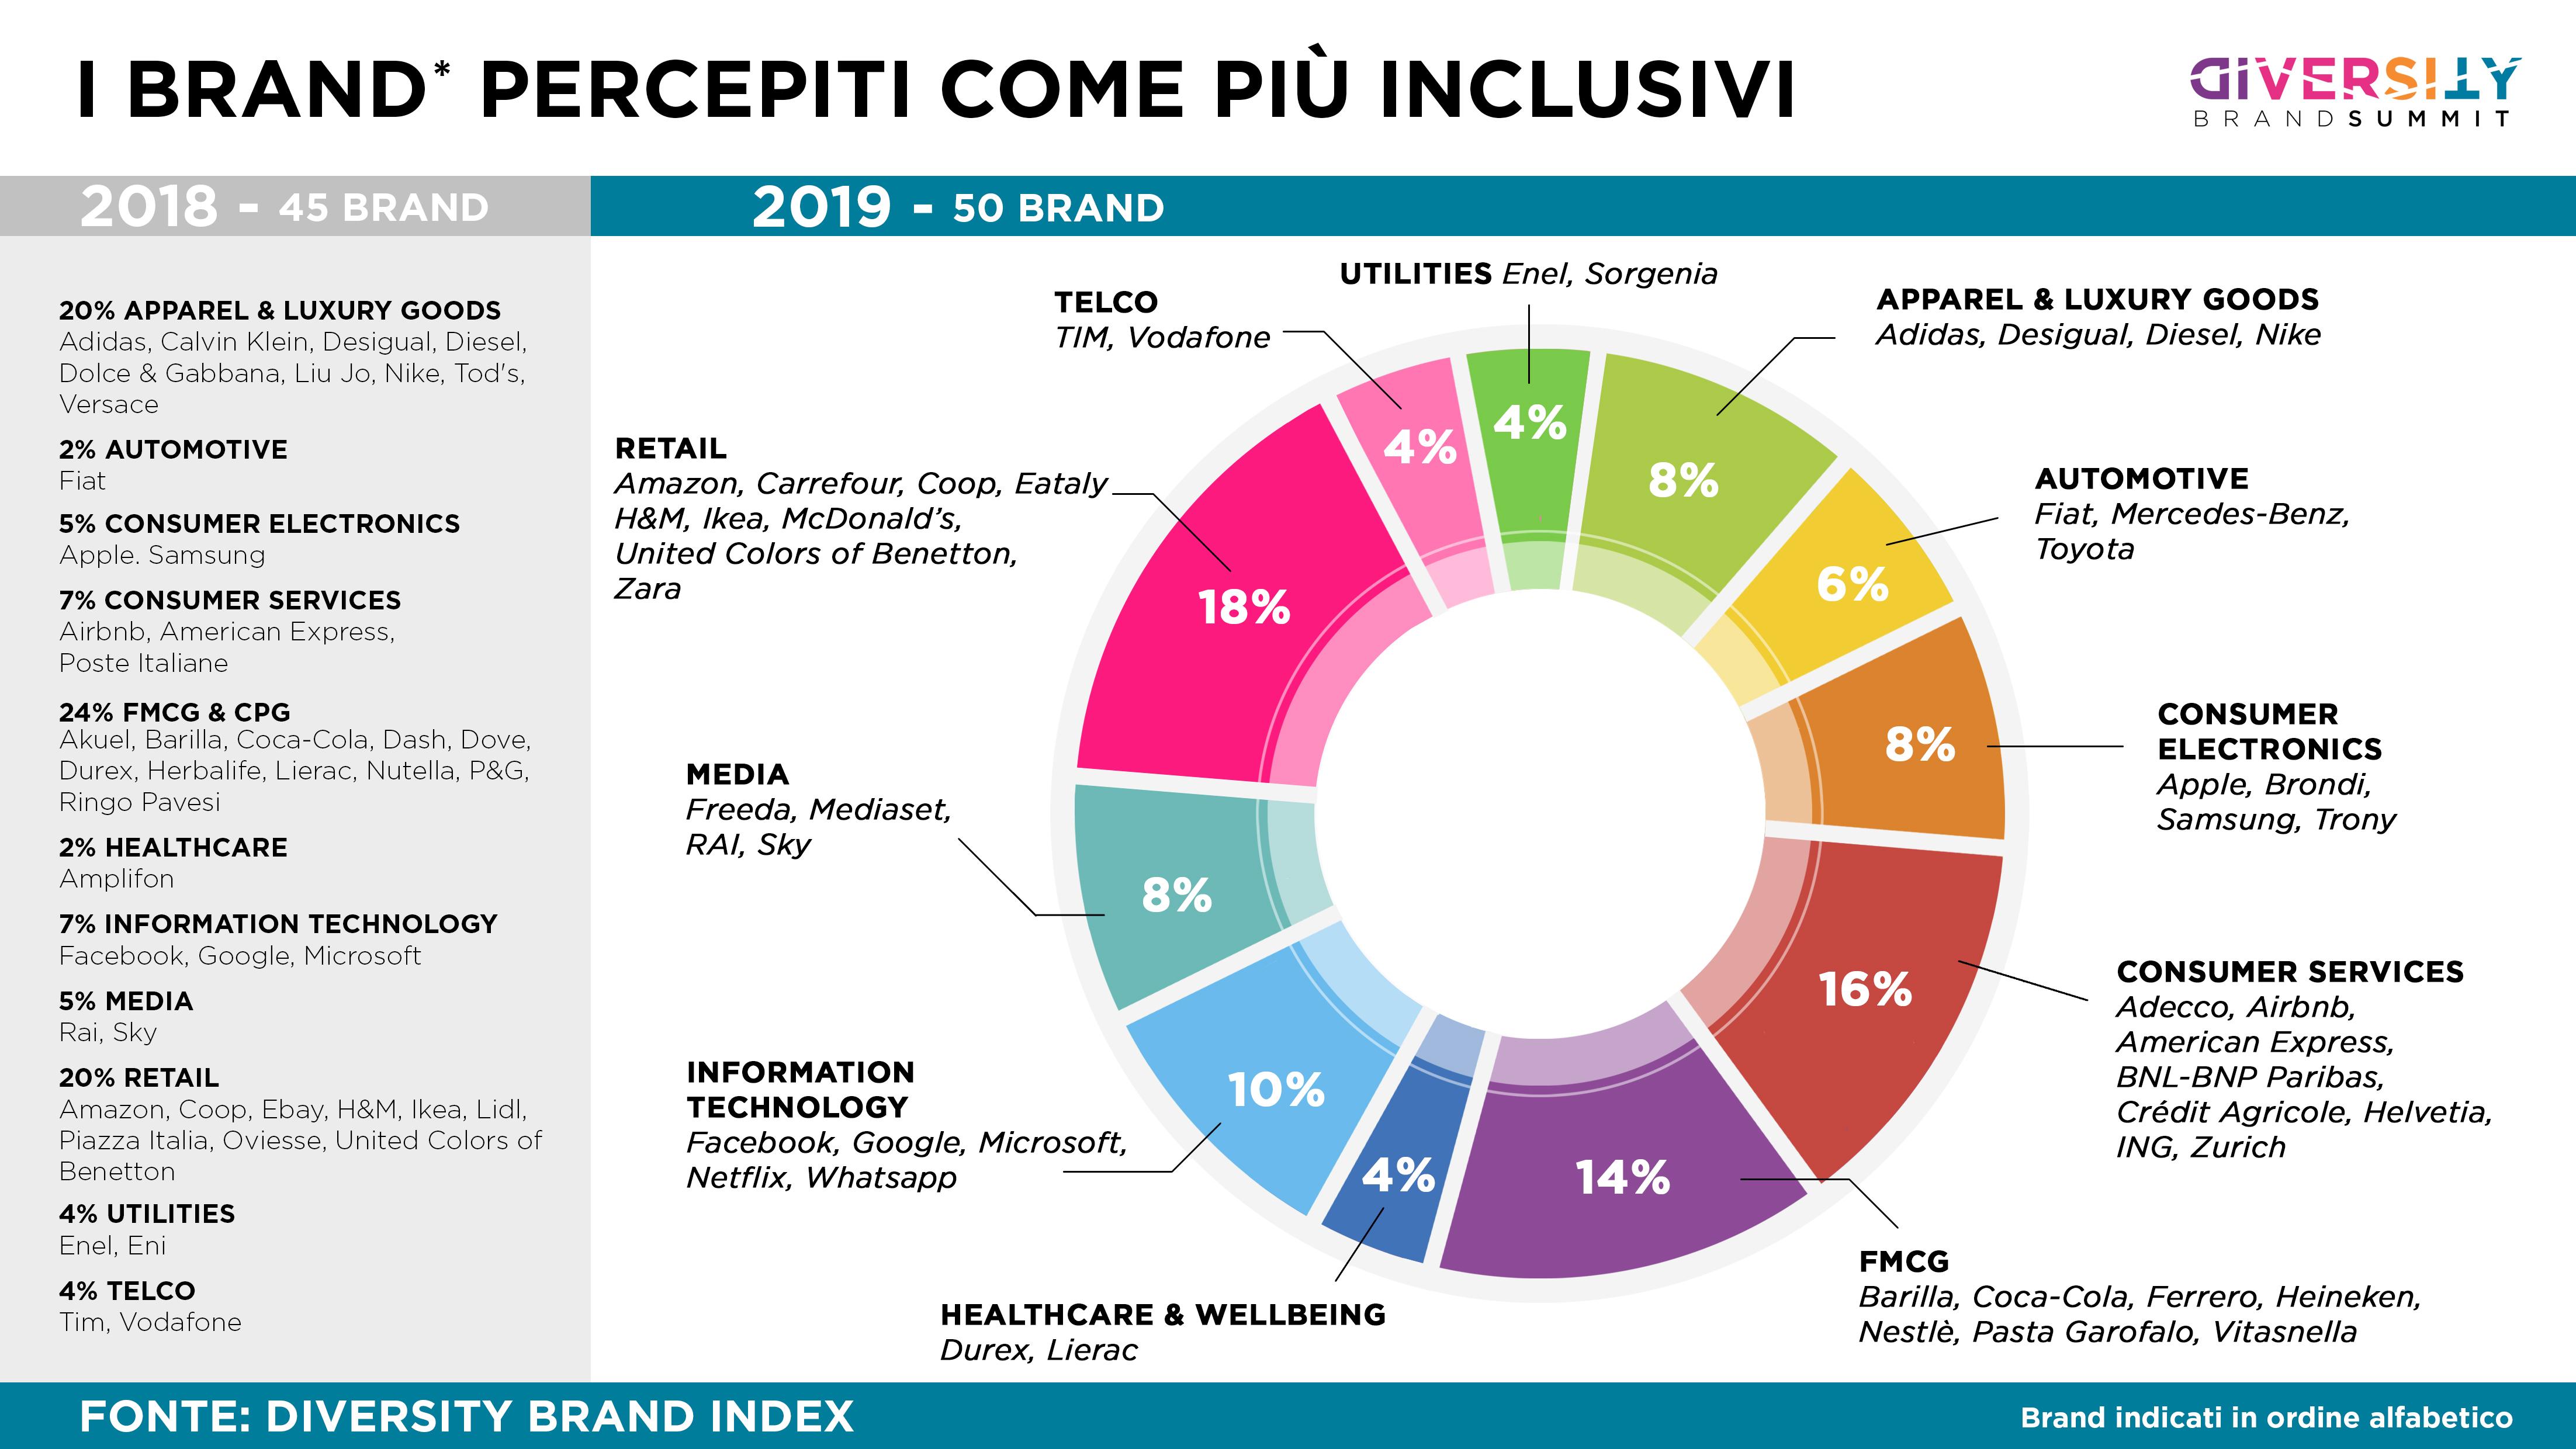 I Brand percepiti come più inclusivi - Fonte: Diversity Brand index